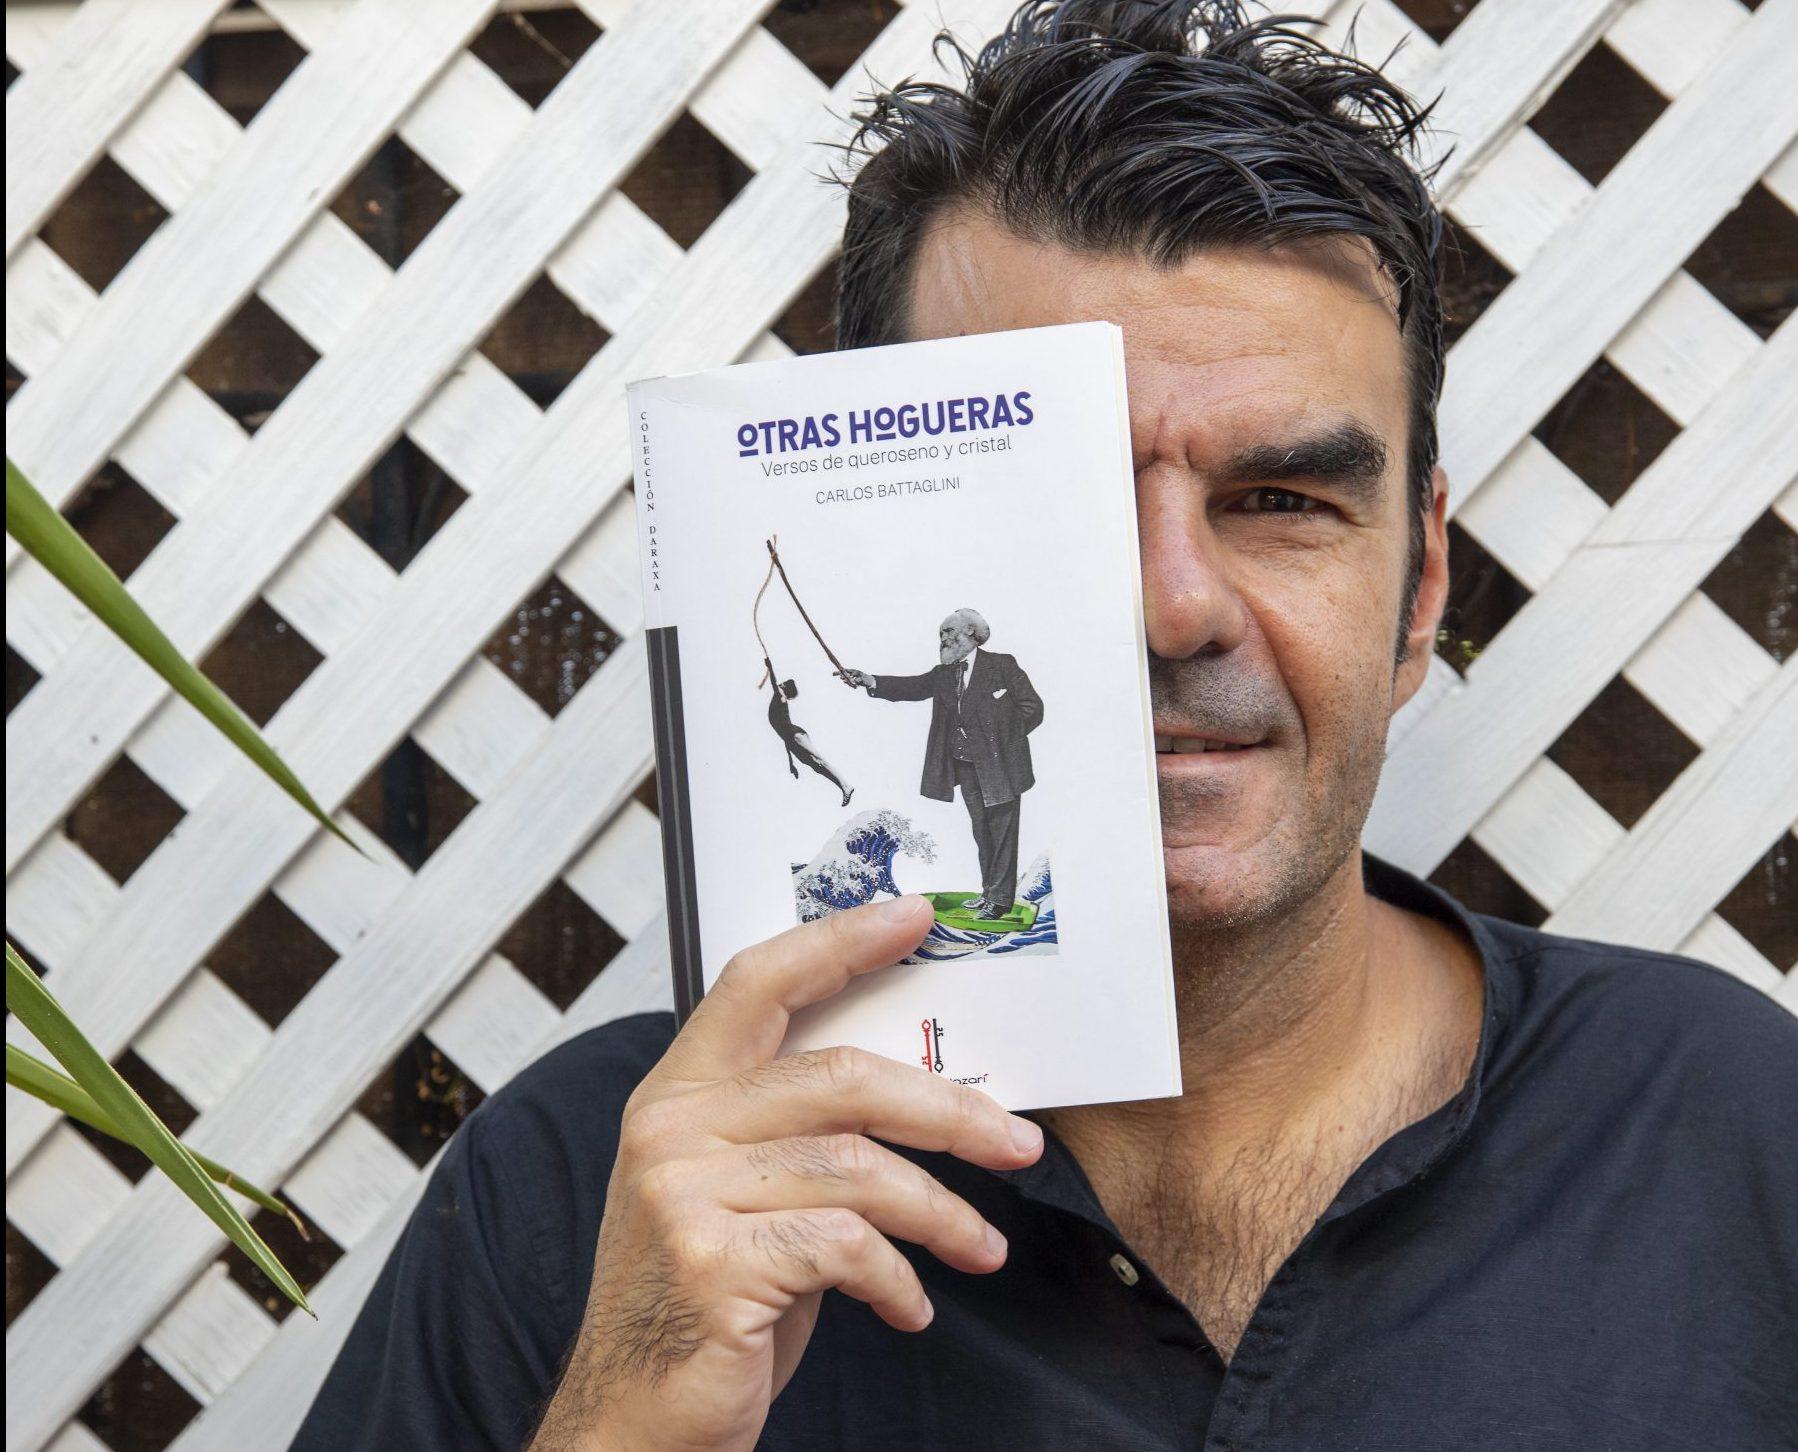 """Presentación del libro """"Otras hogueras"""" de Carlos Battaglini el Jueves 30 de Septiembre en el Centro Cívico de Arrecife"""